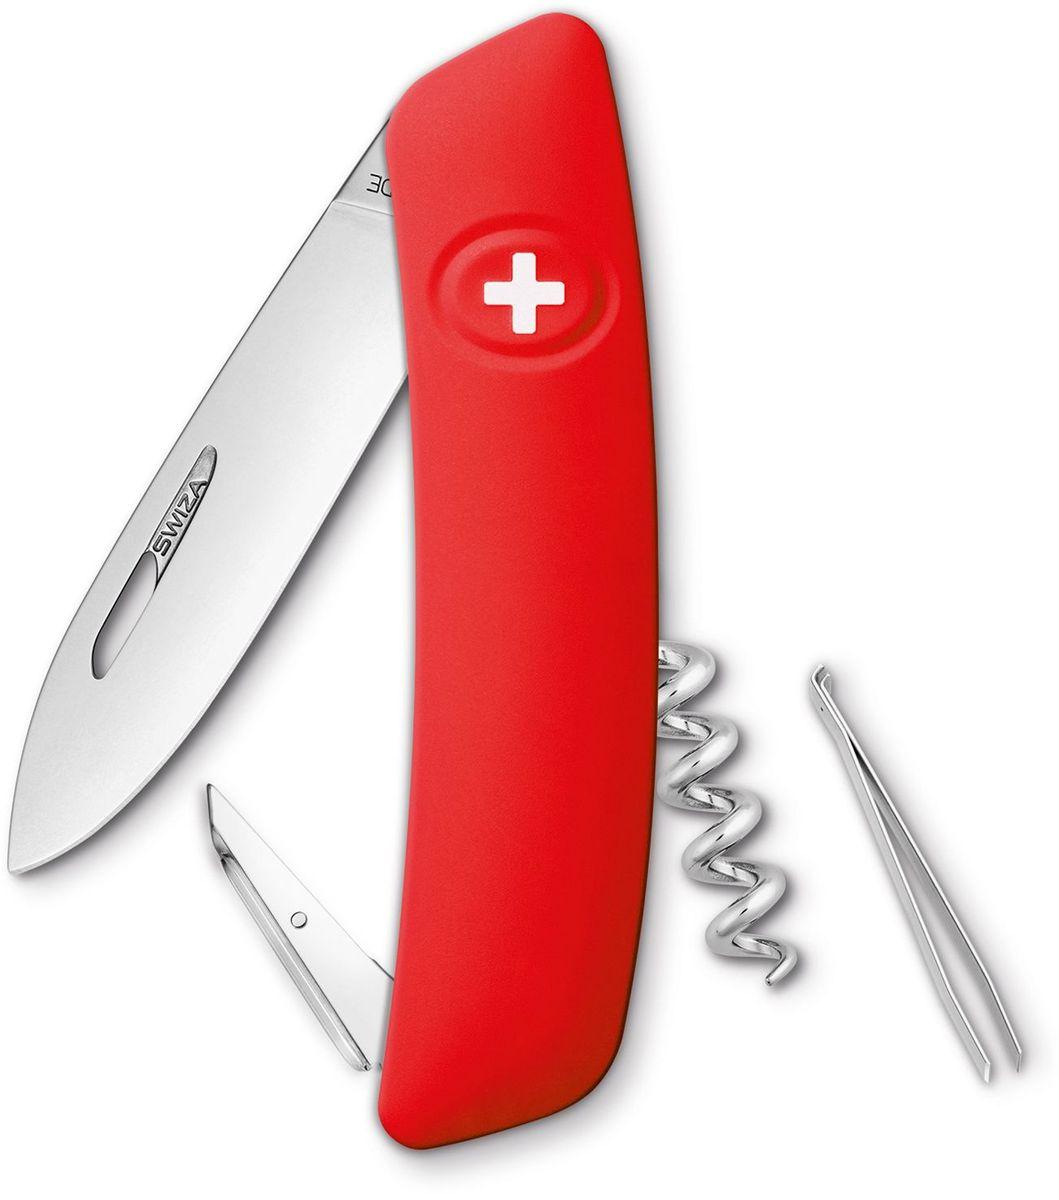 Нож швейцарский SWIZA D01, цвет: красный, длина клинка 7,5 смKNI.0010.1000Швейцарский нож (SWIZA D01) с его революционной формой и безопасной рукояткой, легко раскладываемой ручкой - самый удобный и простой в использовании швейцарский нож на все времена. Эргономично изогнутая форма ножа обеспечивает более легкий доступ к инструментам, а пазы позволяют легко их открывать, как левой, так и правой рукой. Пожизненная гаратния на ножи SWIZA обеспечивают долговременное использование 1. нож перочинный , 2. штопор, 3. ример/дырокол 4. шило, 5. безопасная блокировка лезвий, 6. пинцет